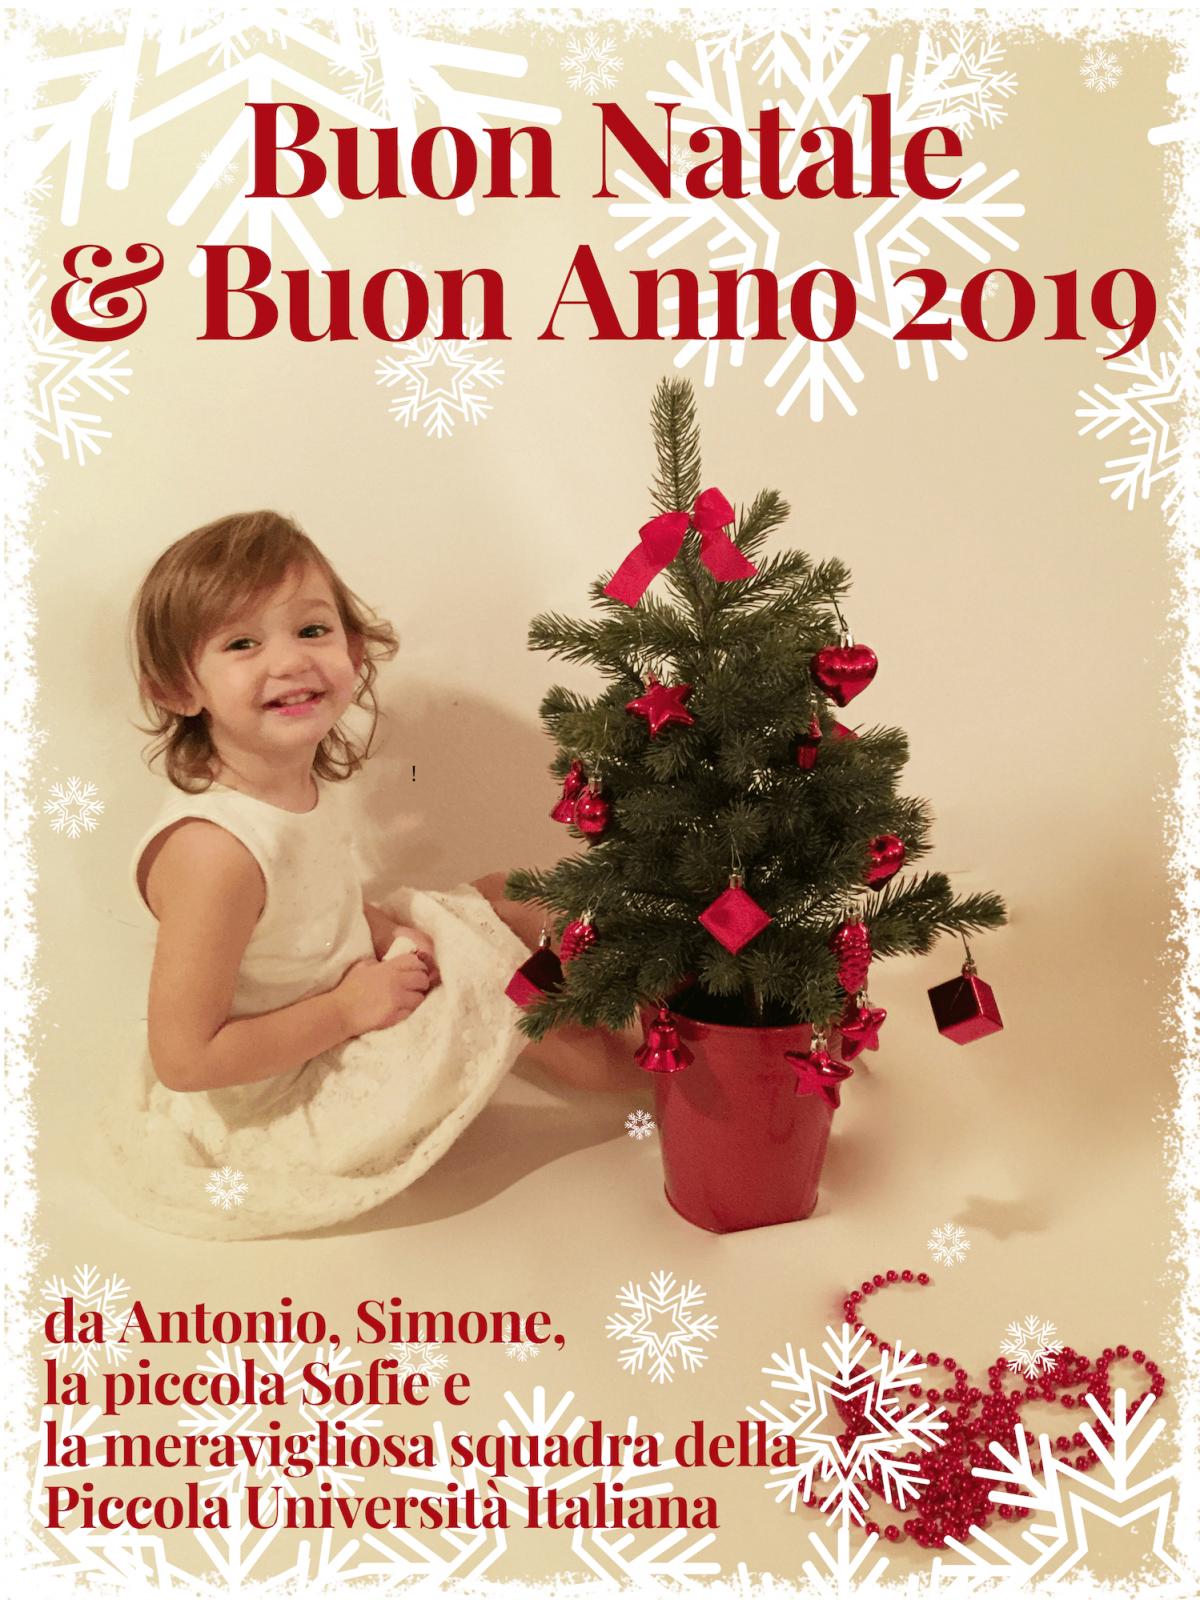 Buon Natale e Felice Anno 2019